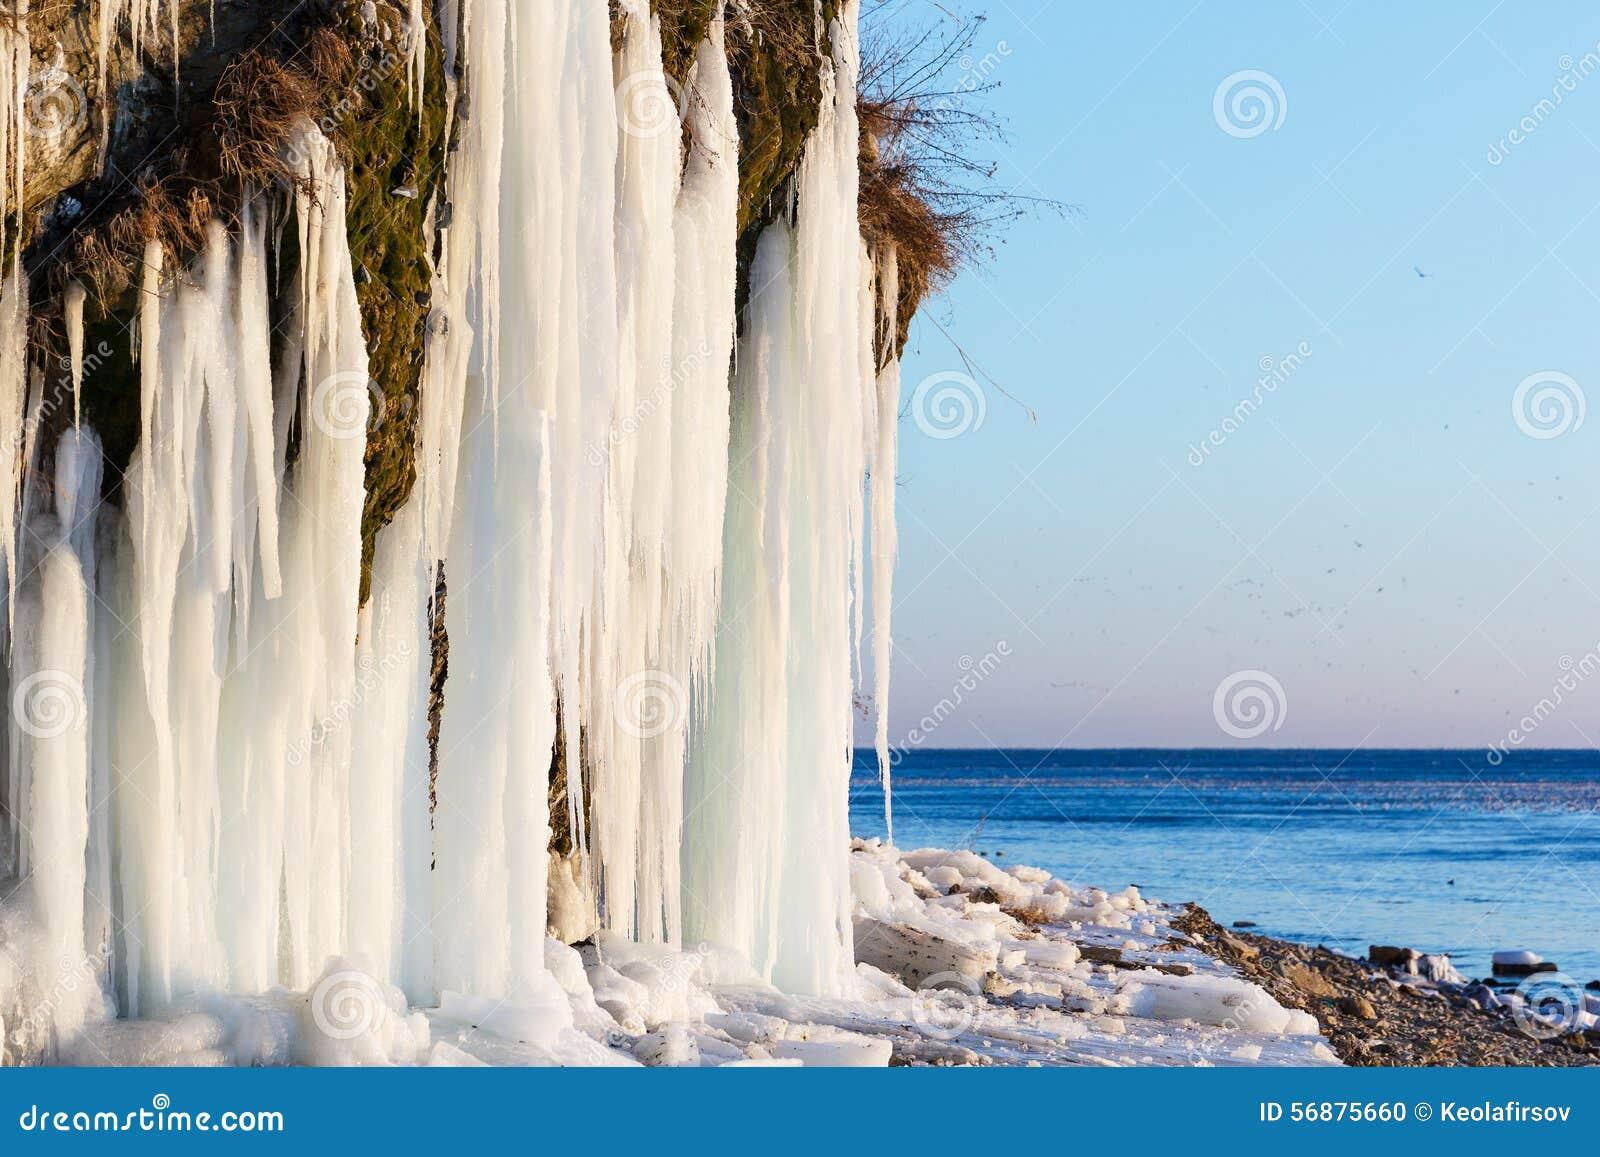 Stalattiti del ghiaccio in Anapa, Russia